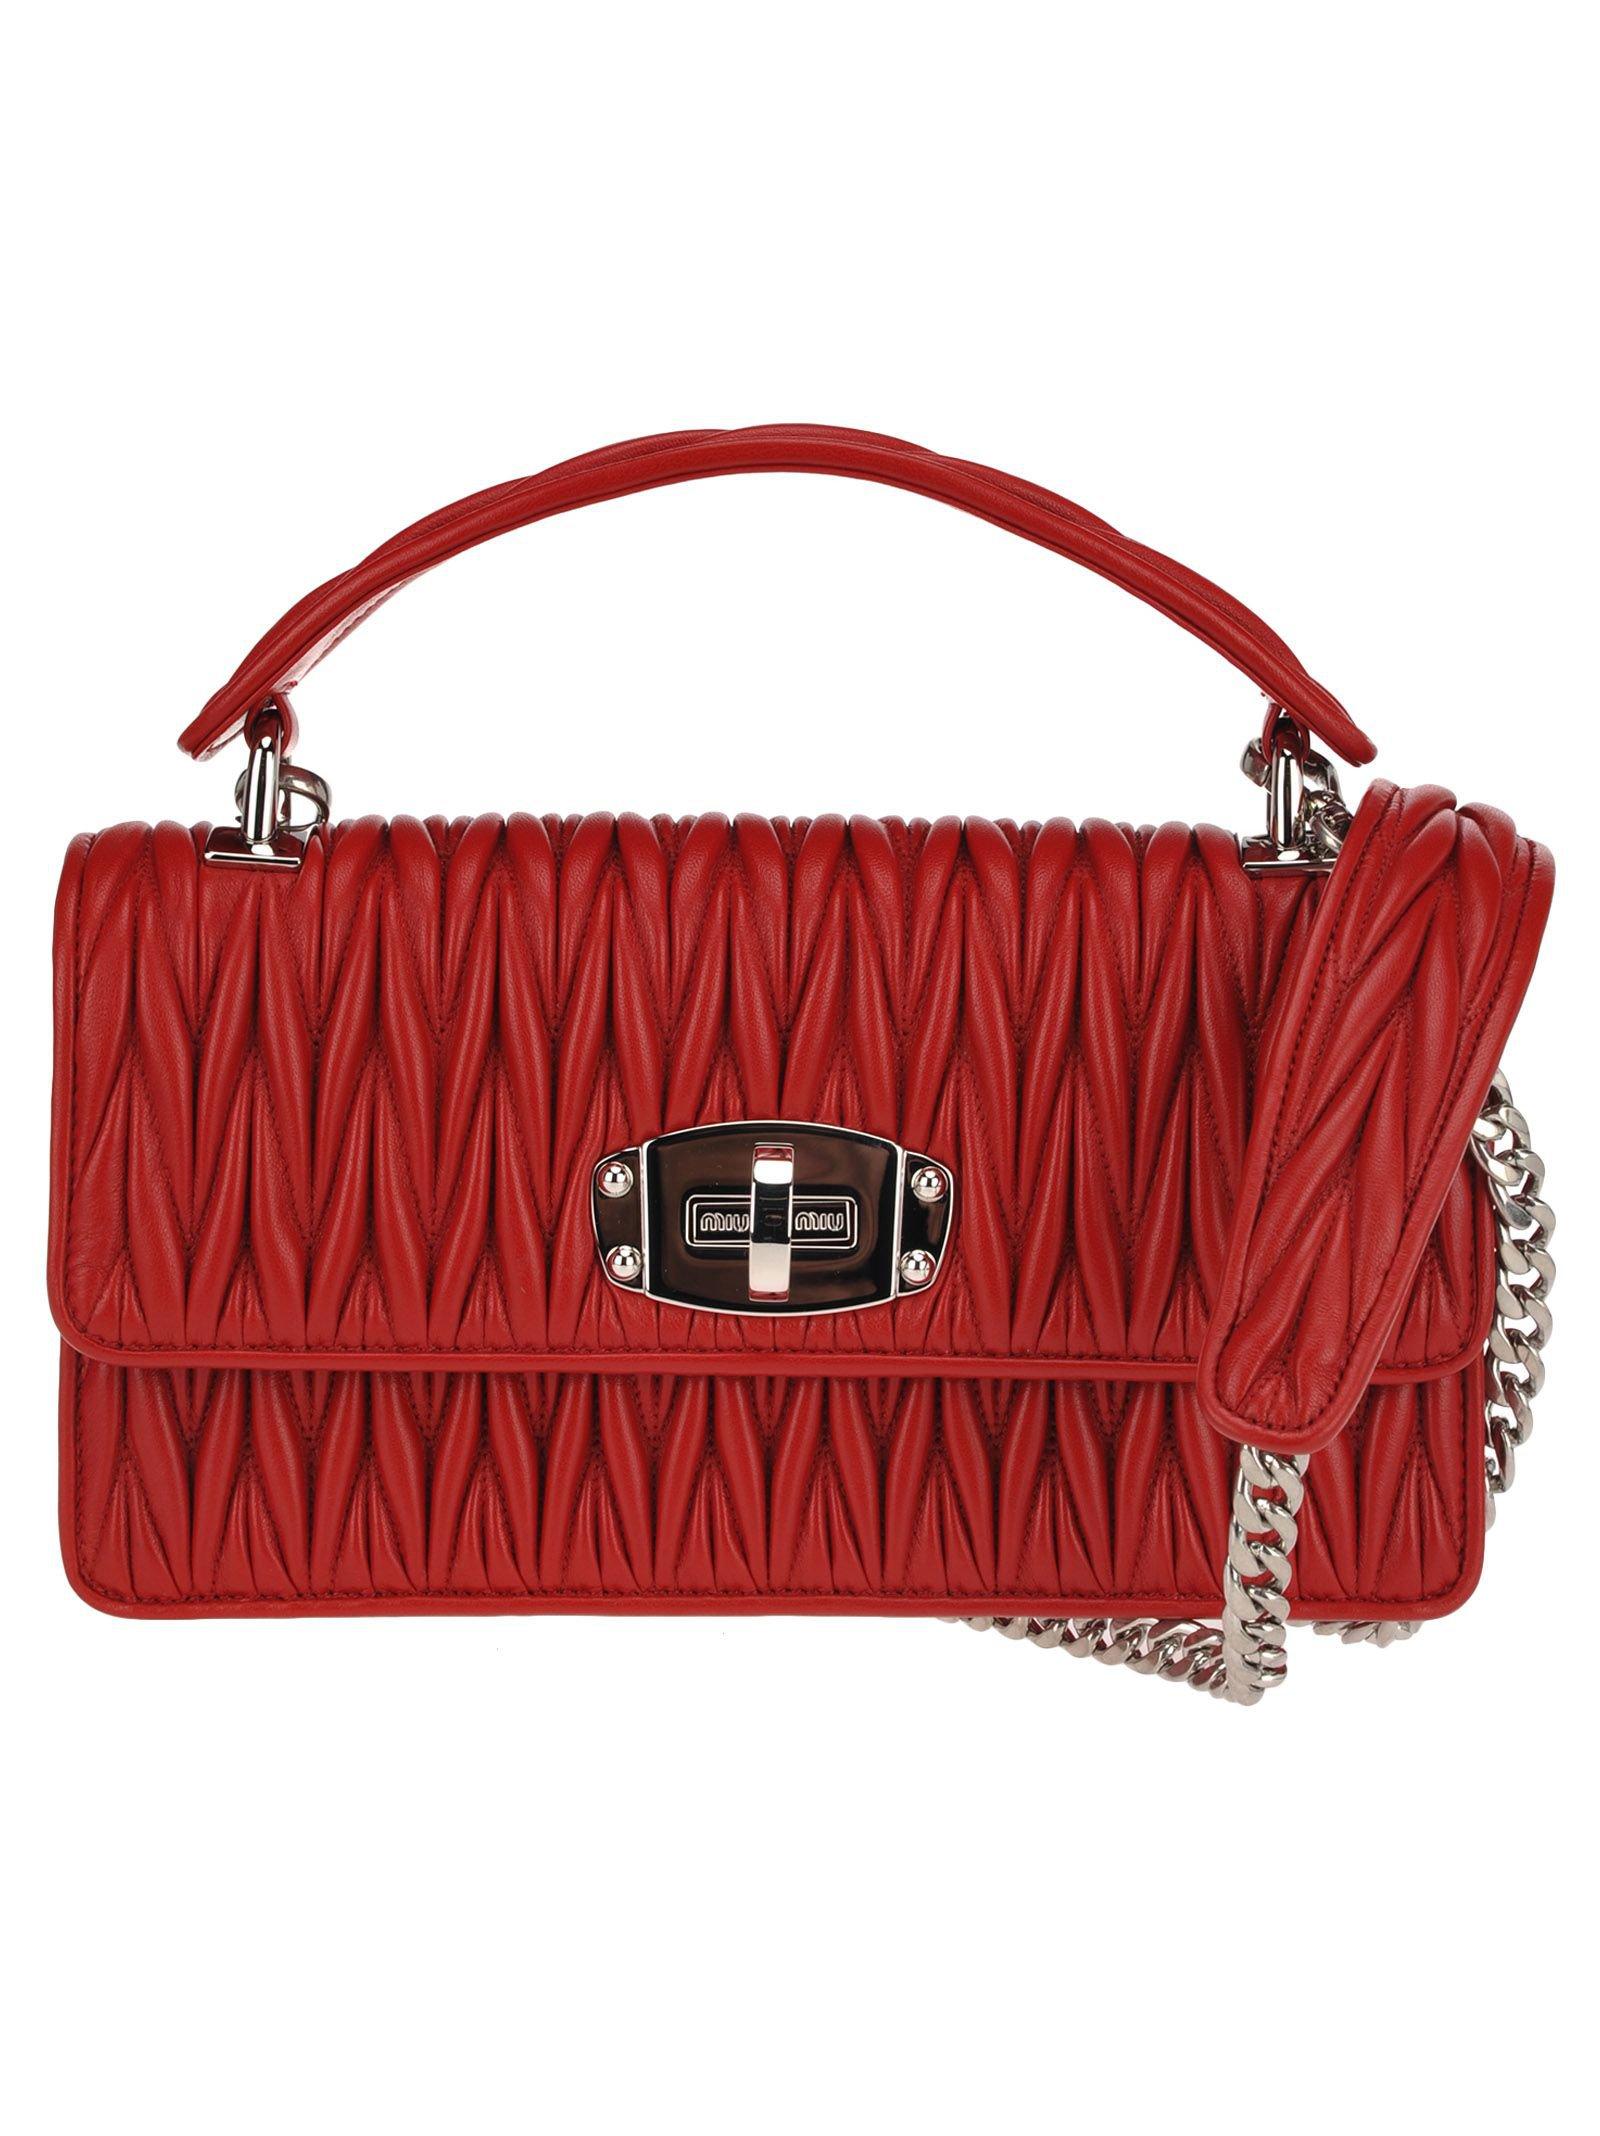 Miu Miu Miu Miu Cleo Shoulder Bag